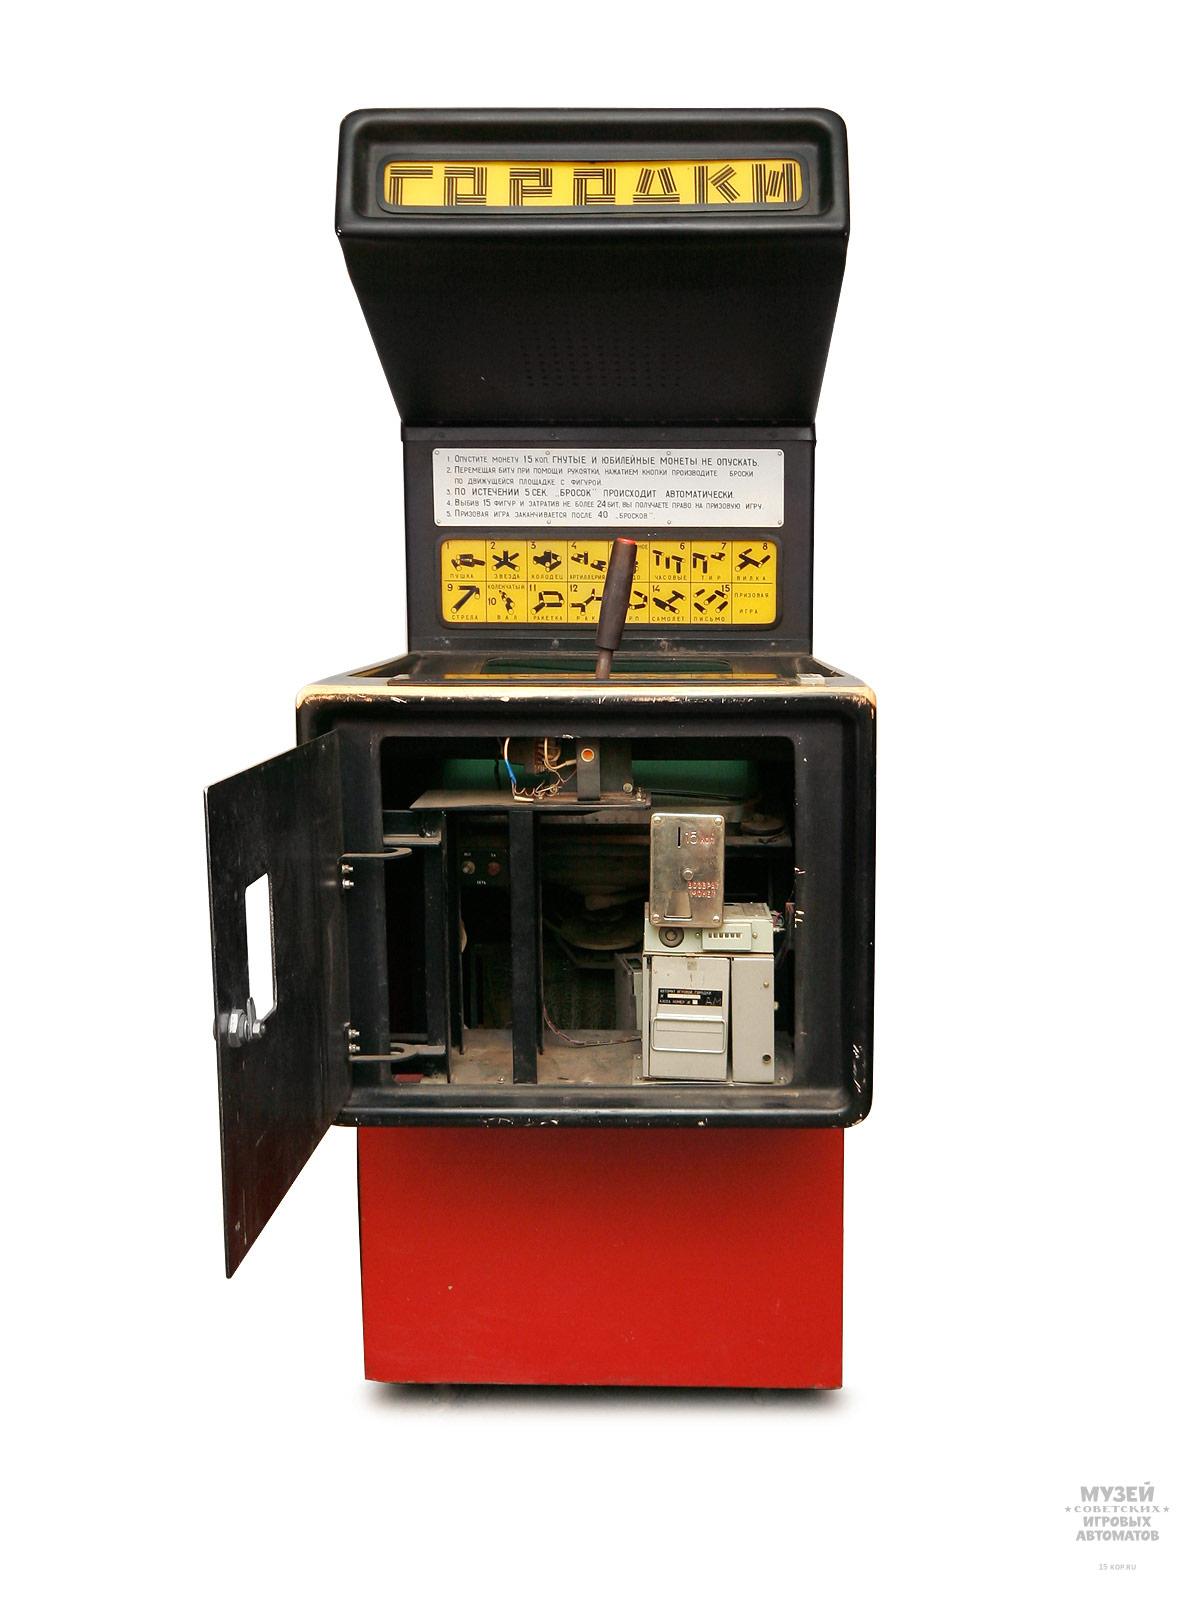 Игровые автоматы: откуда они взялись в СССР и как устроены - 9